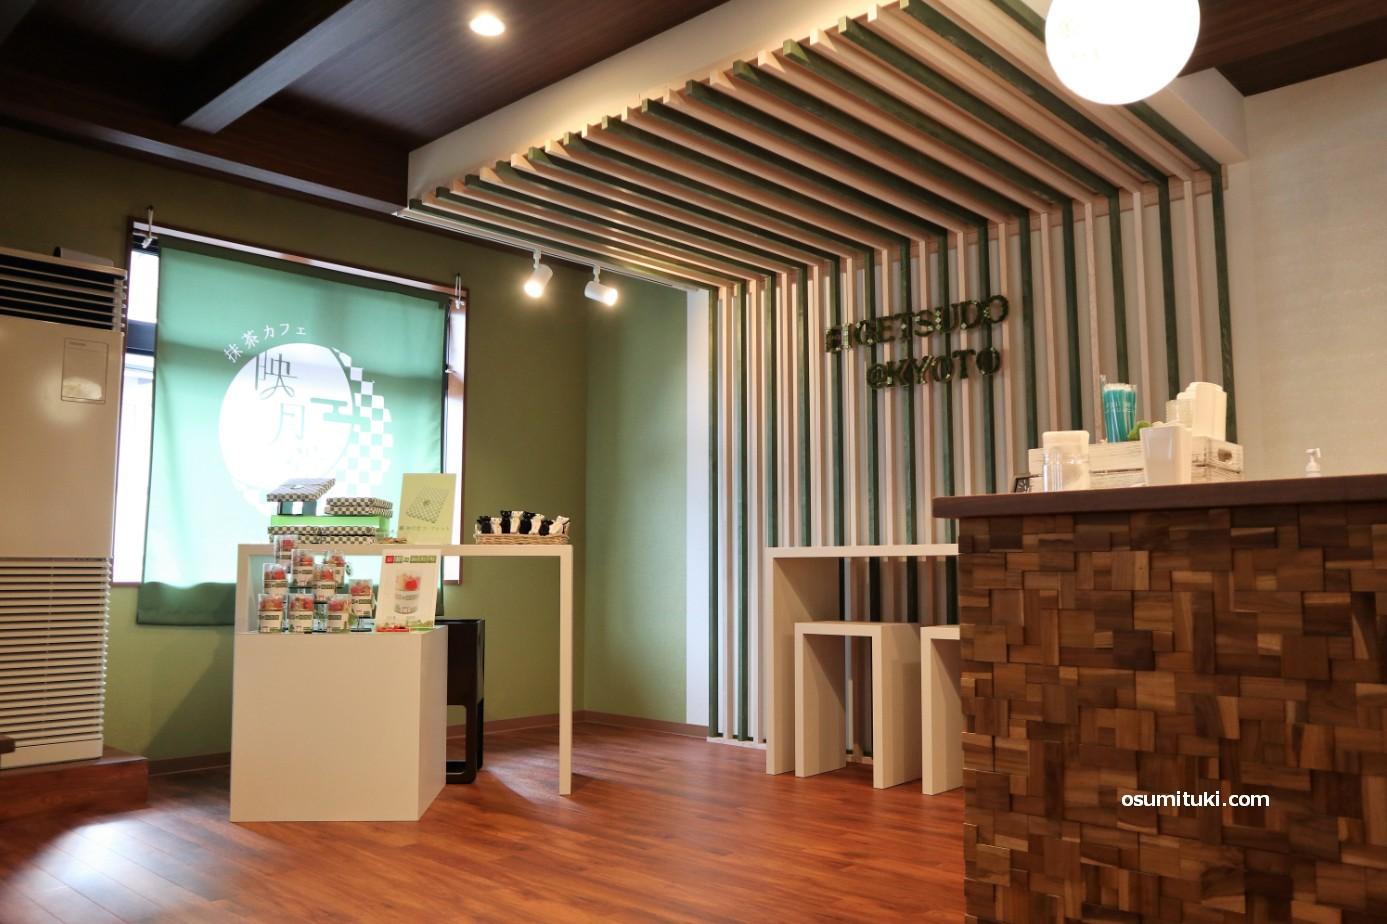 抹茶カフェ映月堂、店内で食べることができます